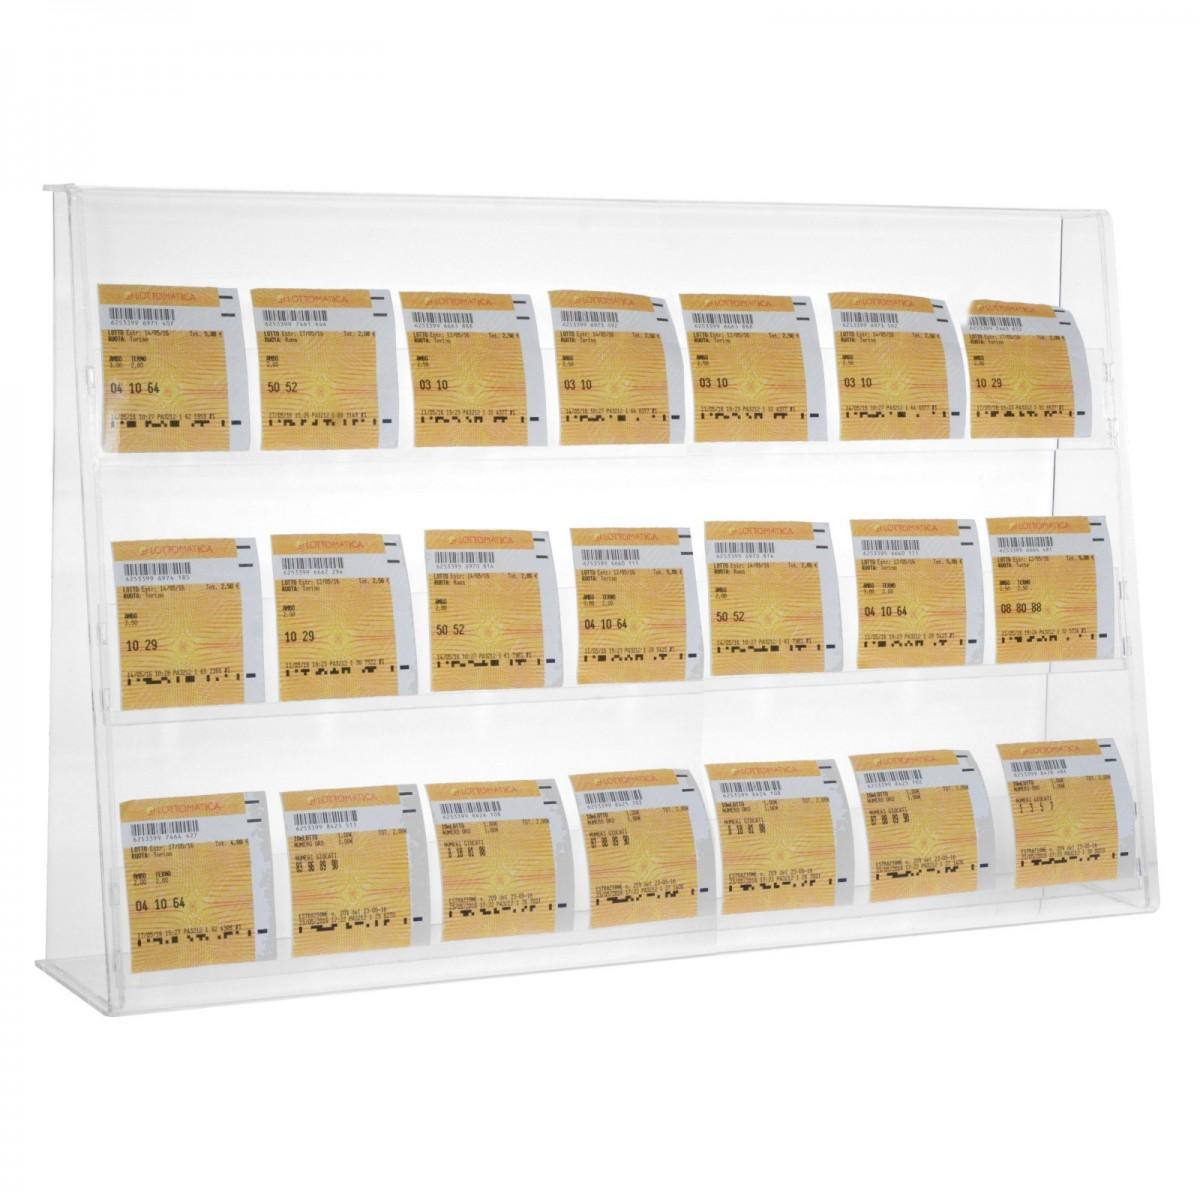 E-401 ECB-C - Espositore porta cedole giocate a 3 tasche realizzato in plexiglass trasparente